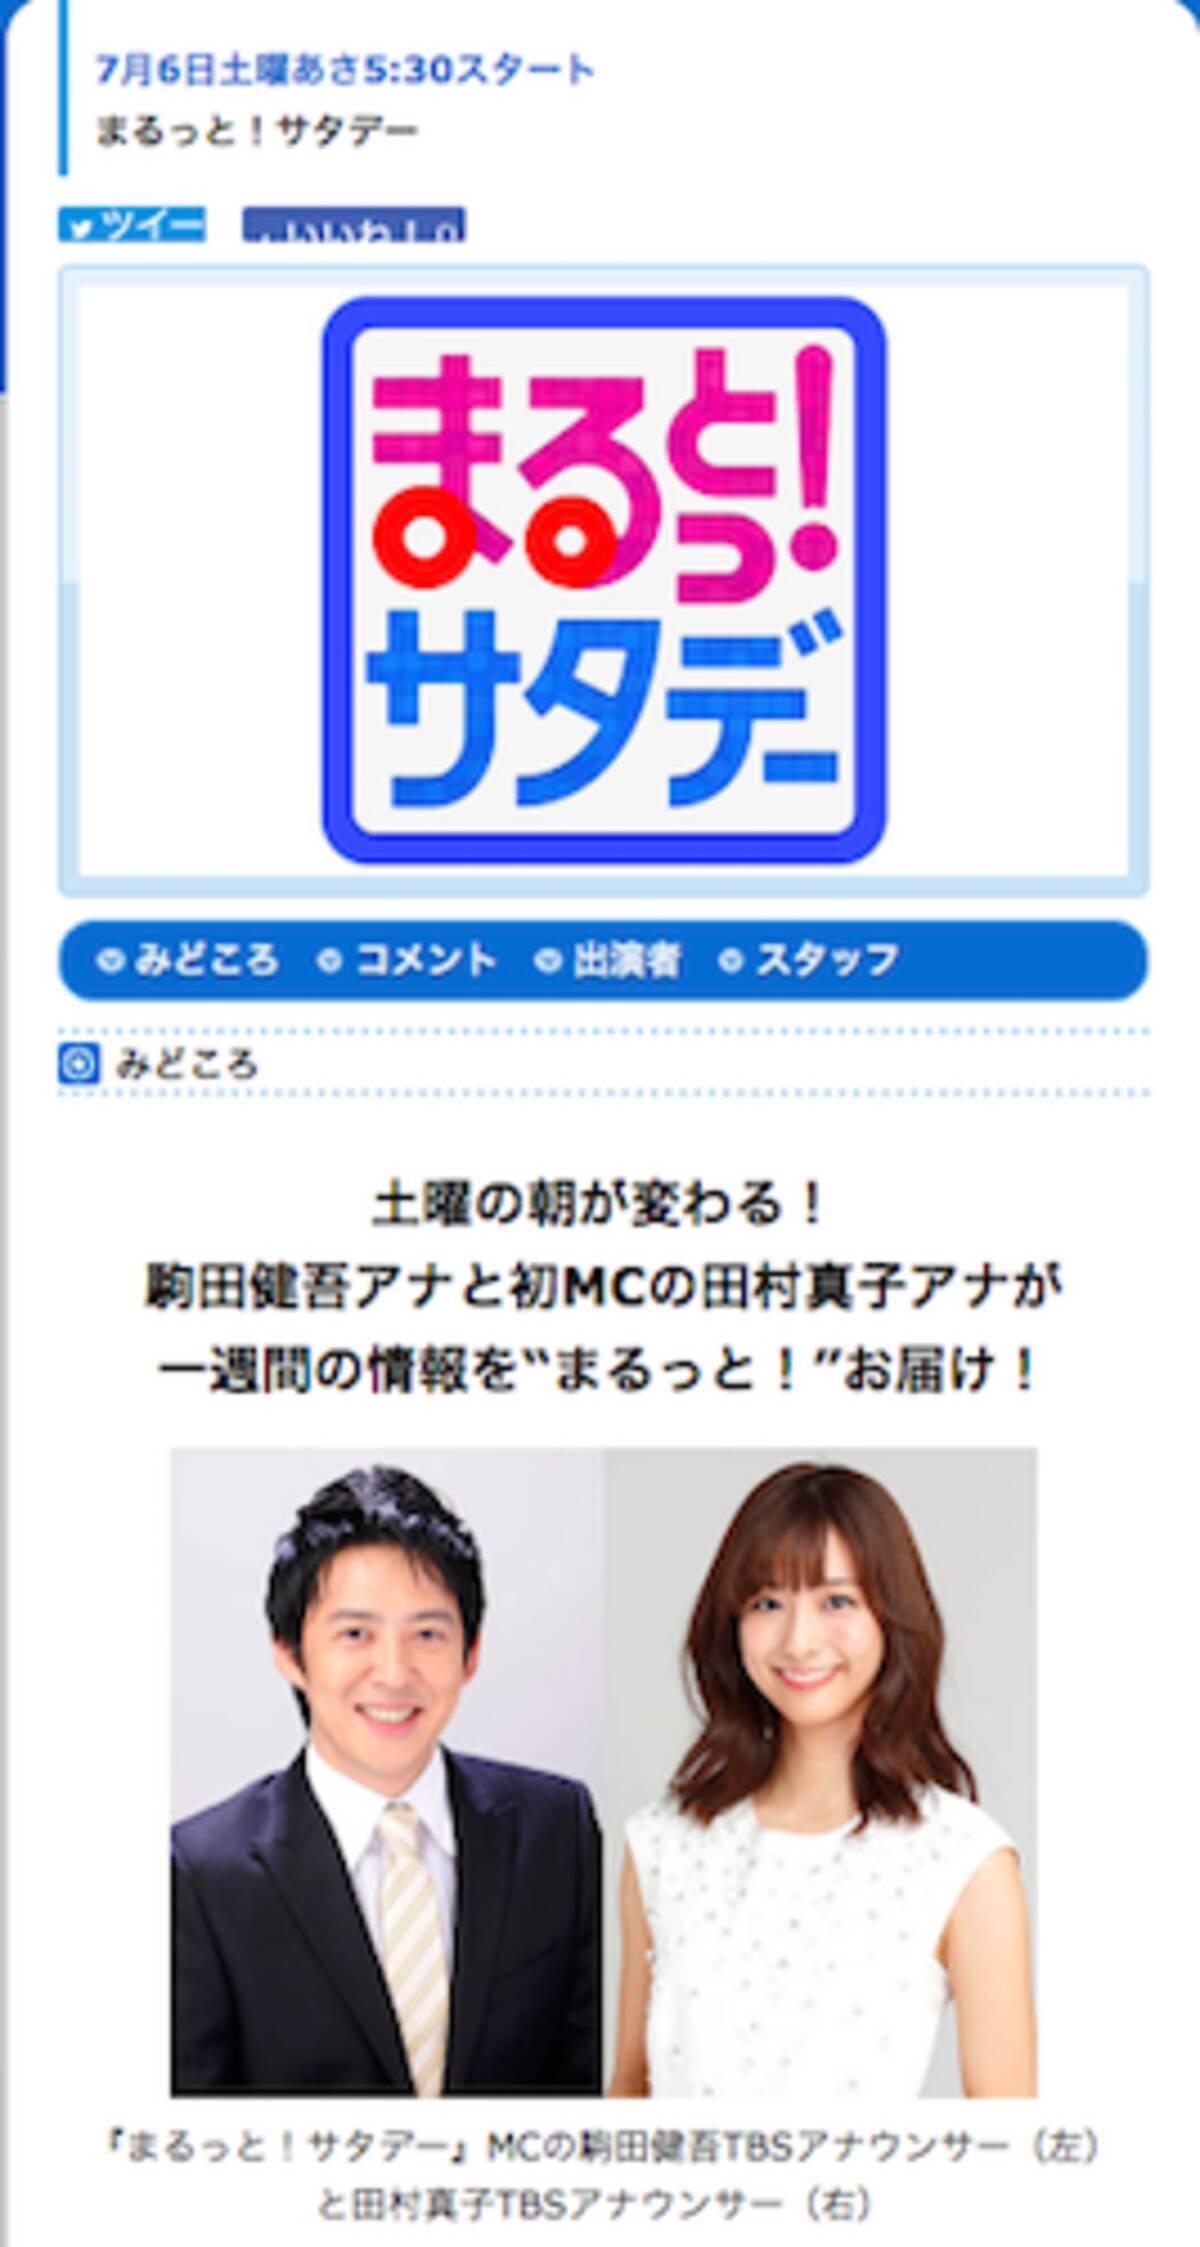 終了する上田晋也『サタデージャーナル』の後番組MCに「安倍政権元厚 ...